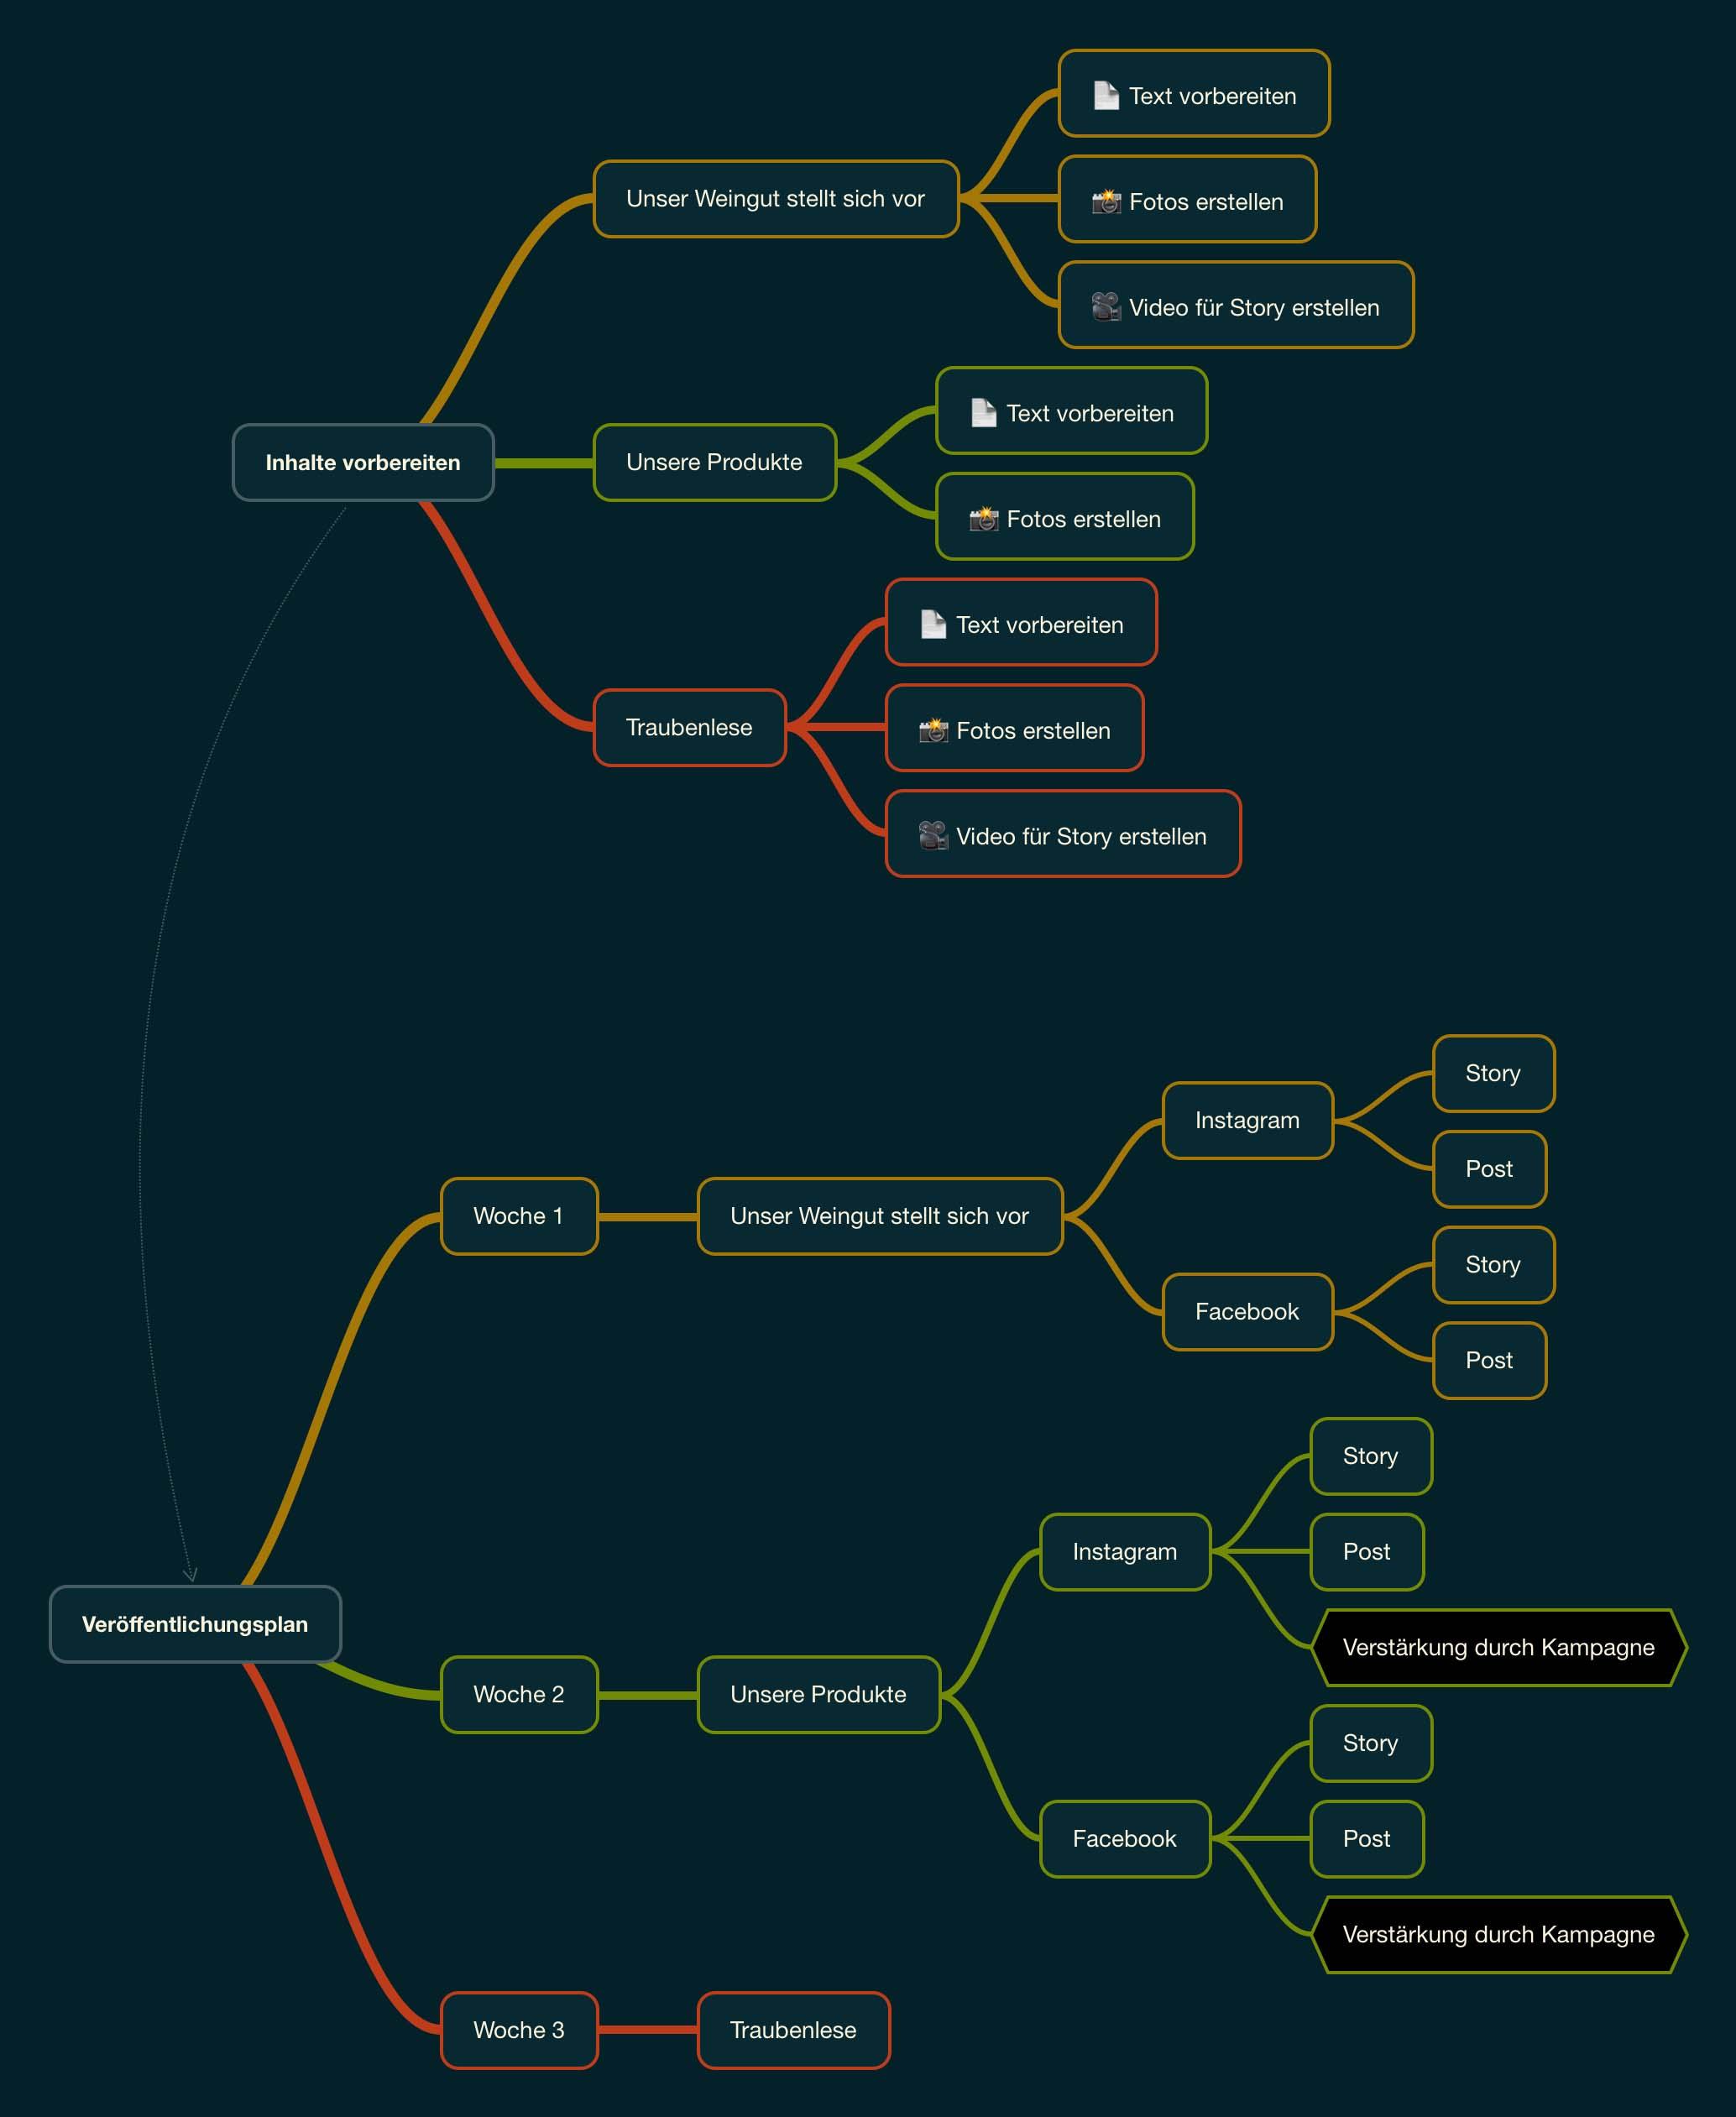 Eine stark vereinfachte Darstellung von einem Redaktionsplan